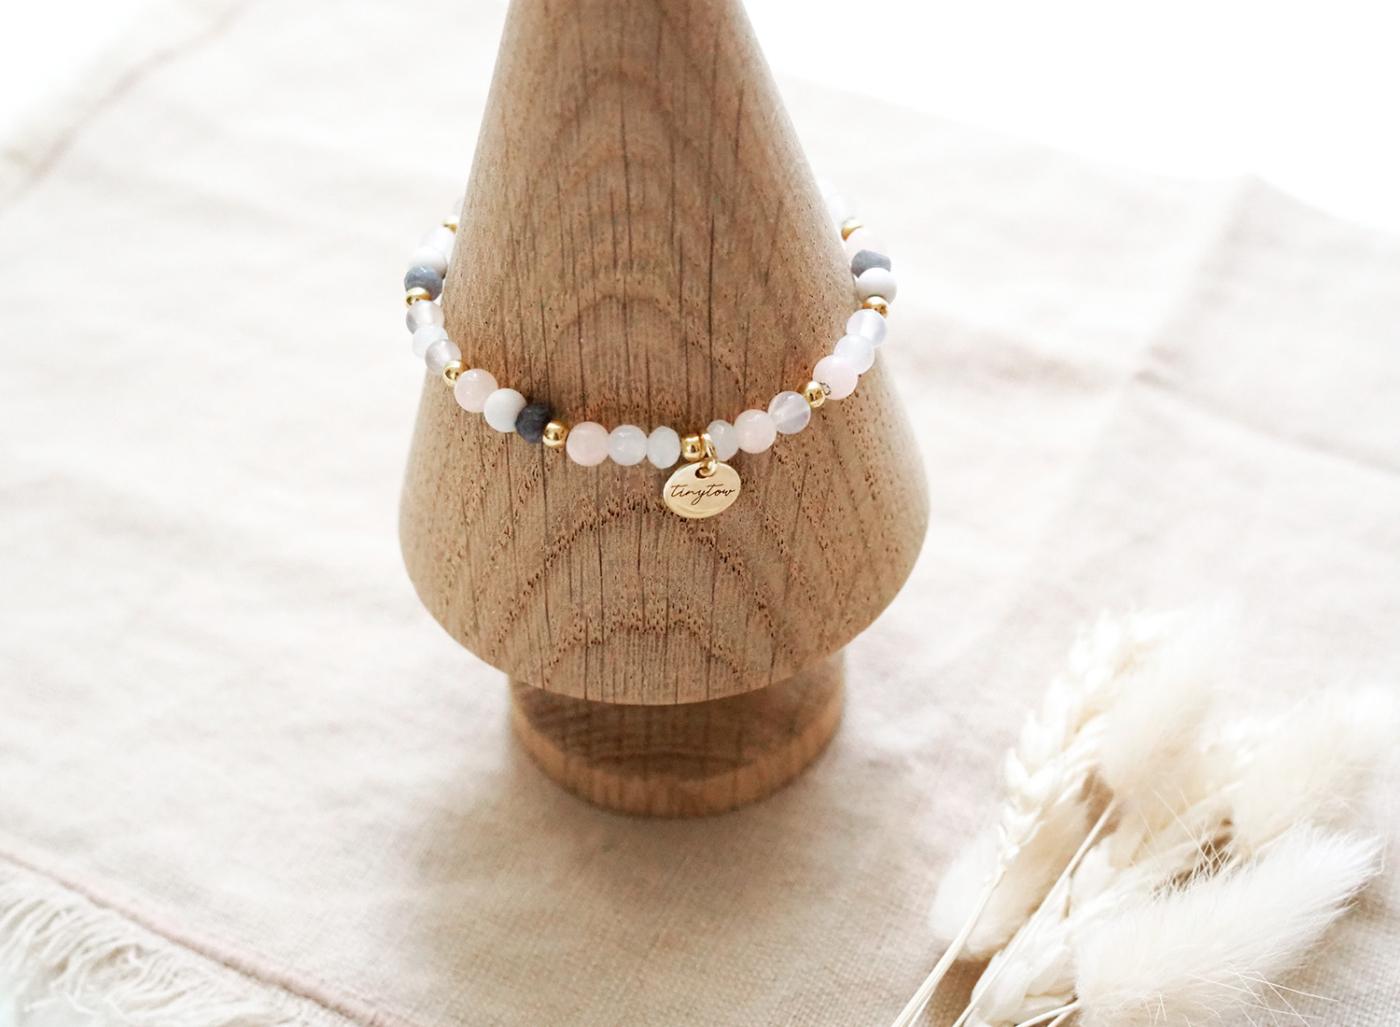 Armband mit Edelsteinen (Jade, Mondstein) und goldenen Perlen mit 14 Karat Goldbeschichtung und kleinem goldenen Herz.